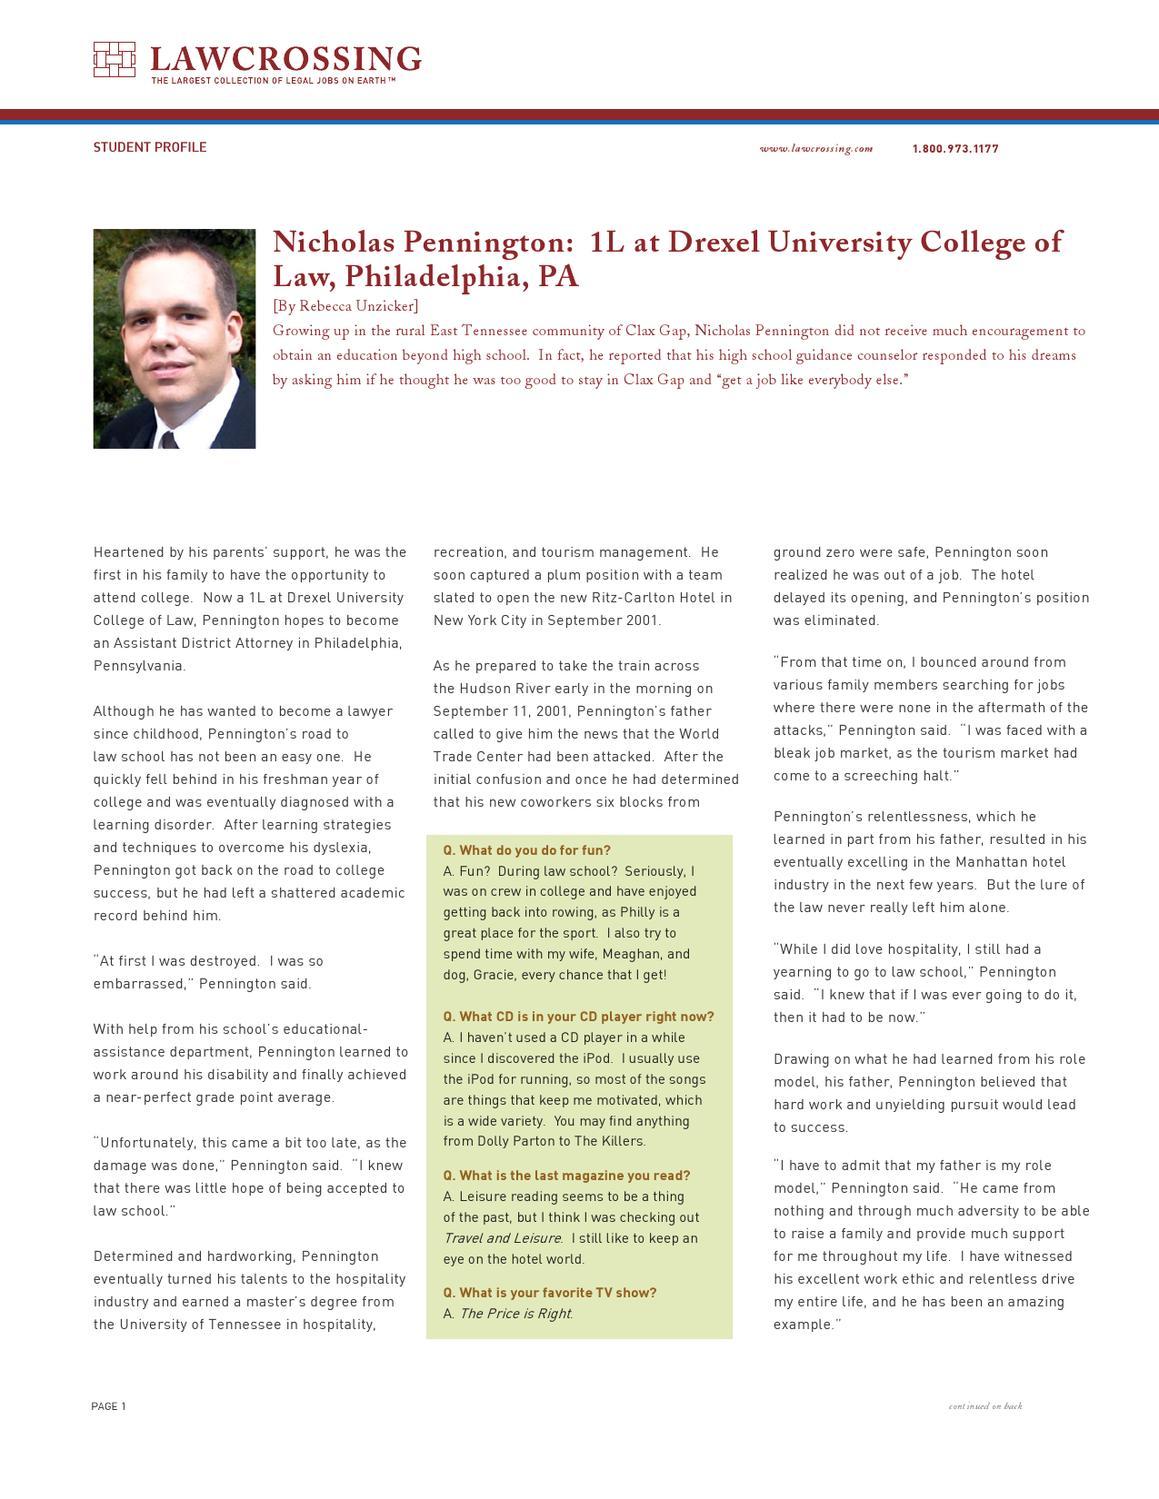 Nicholas Pennington: 1L at Drexel University College of Law